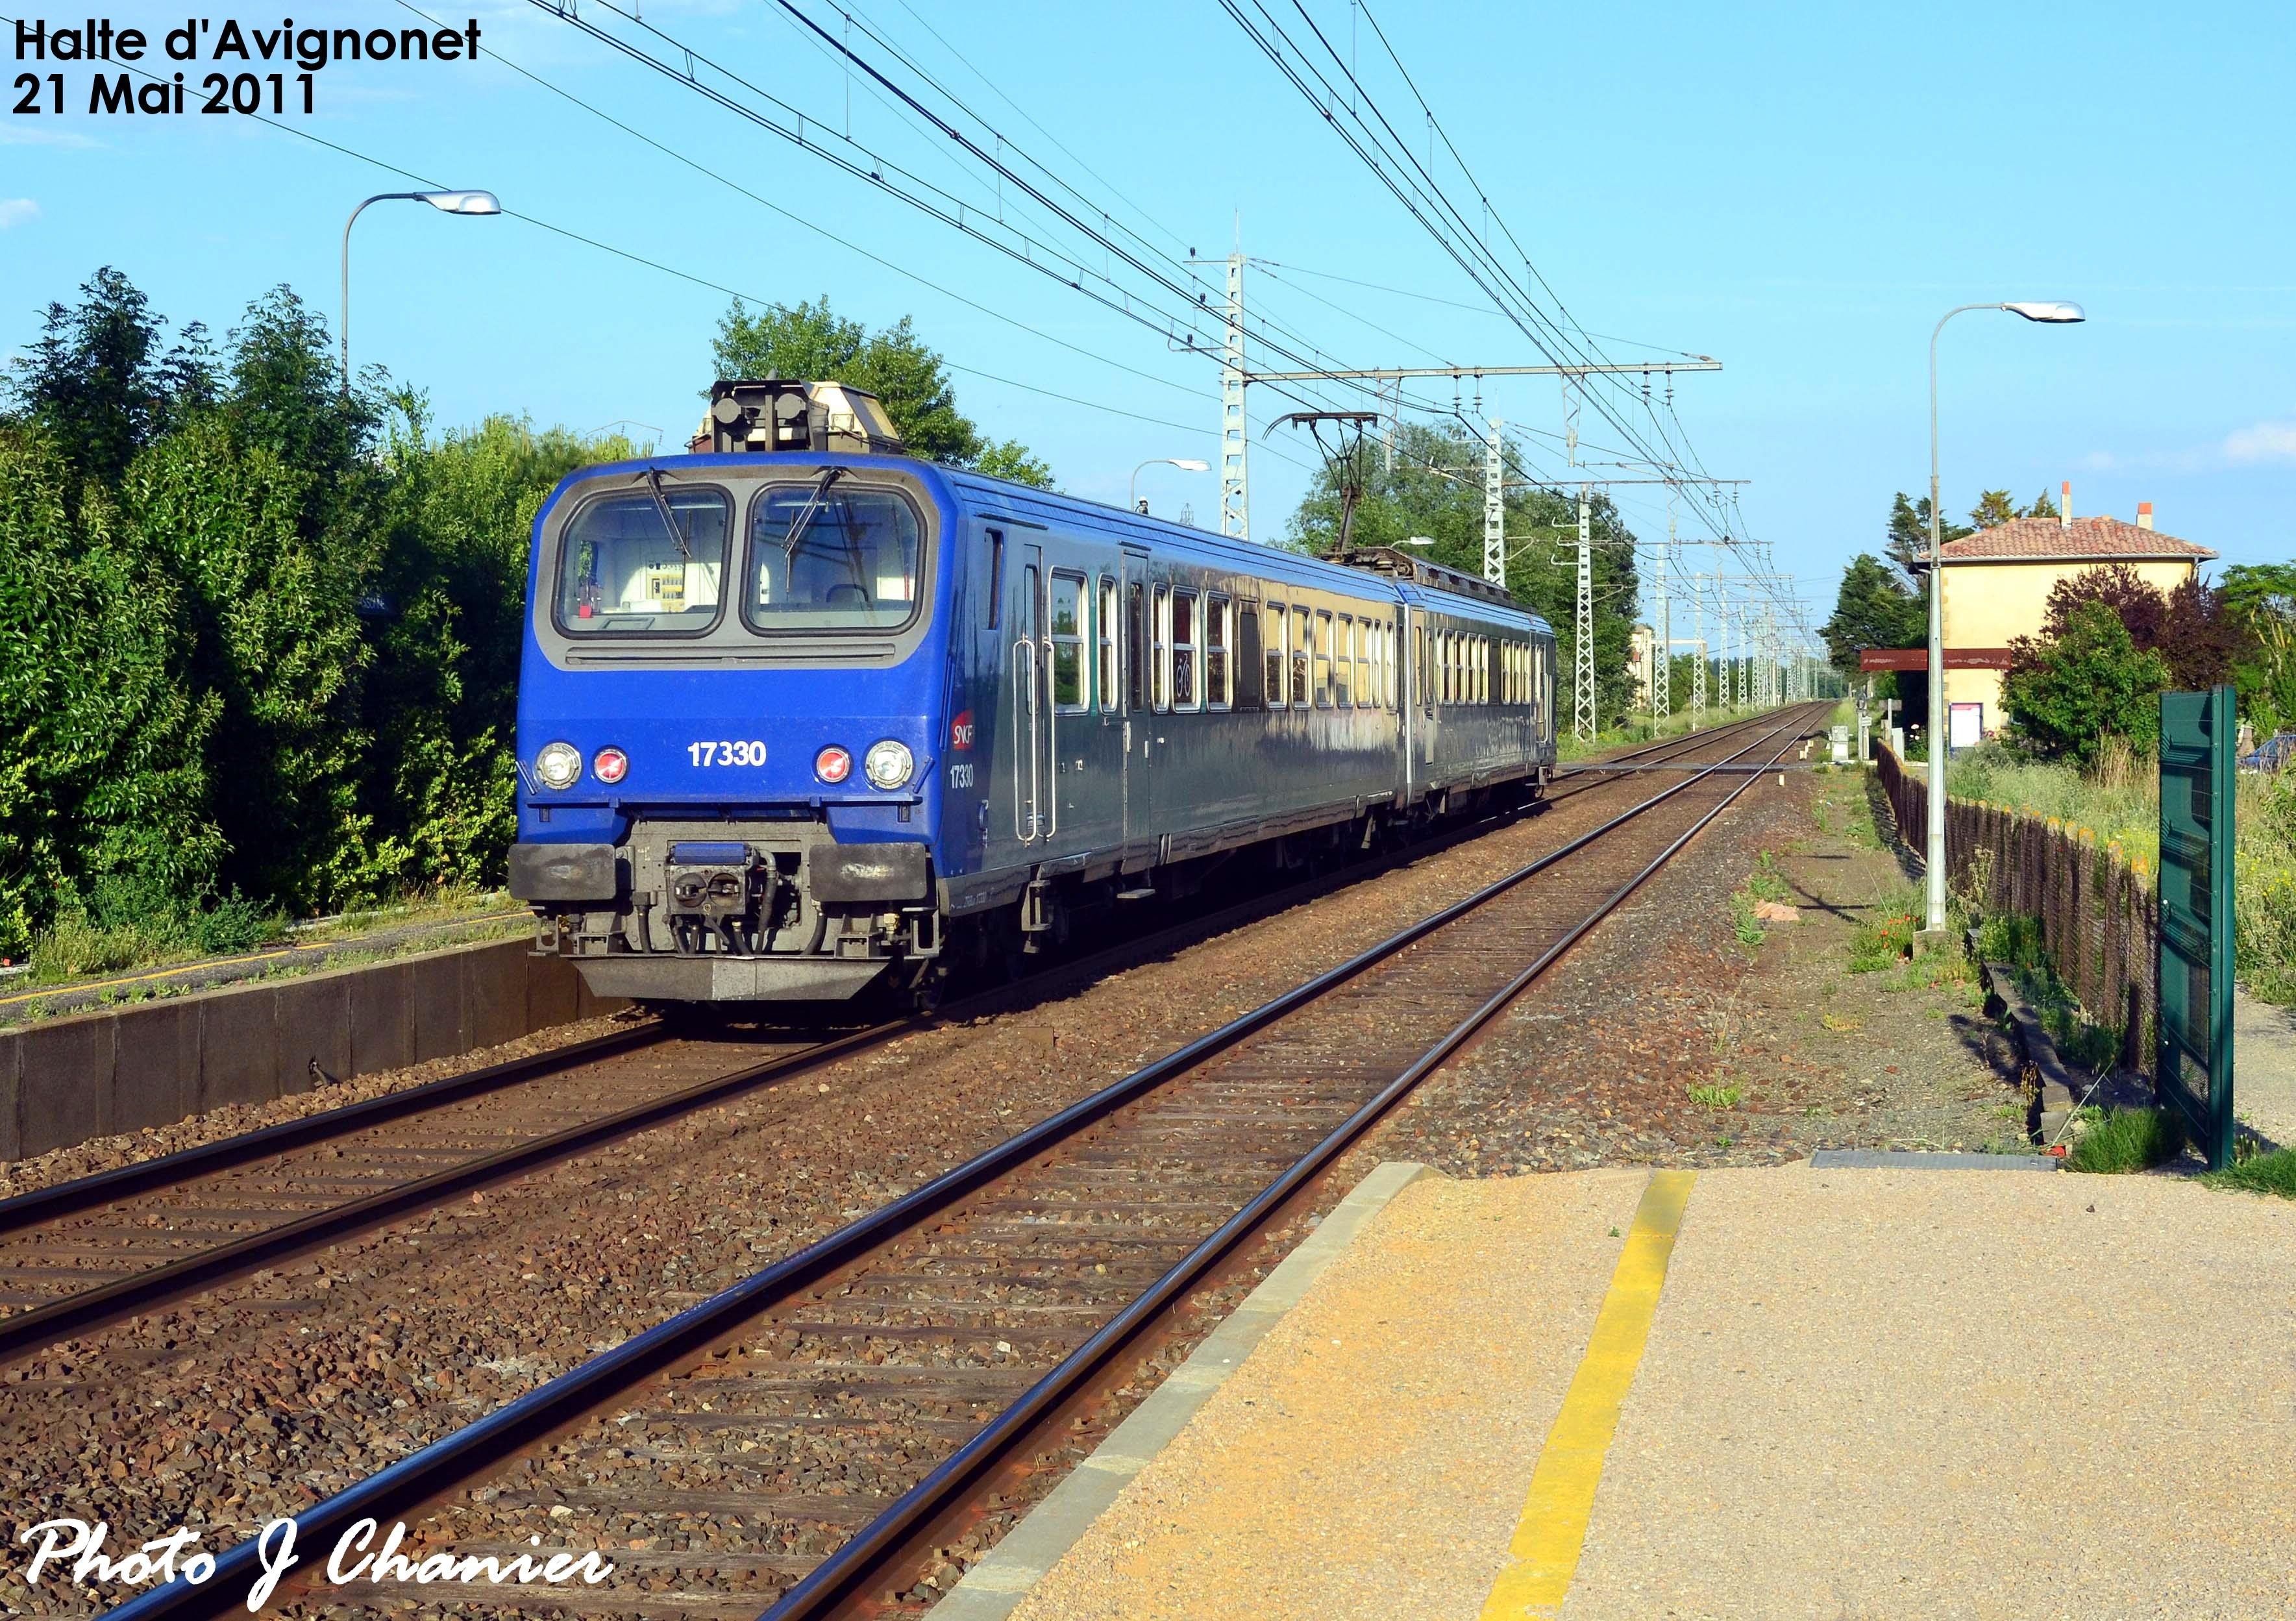 Photos et vidéos de la ligne Bordeaux - Toulouse - Narbonne - Sète (2007-2013) - Page 2 795102CopiedeCHATSLALANDEEGLISEAVIGNONETLAUCASTELNAUDARY497